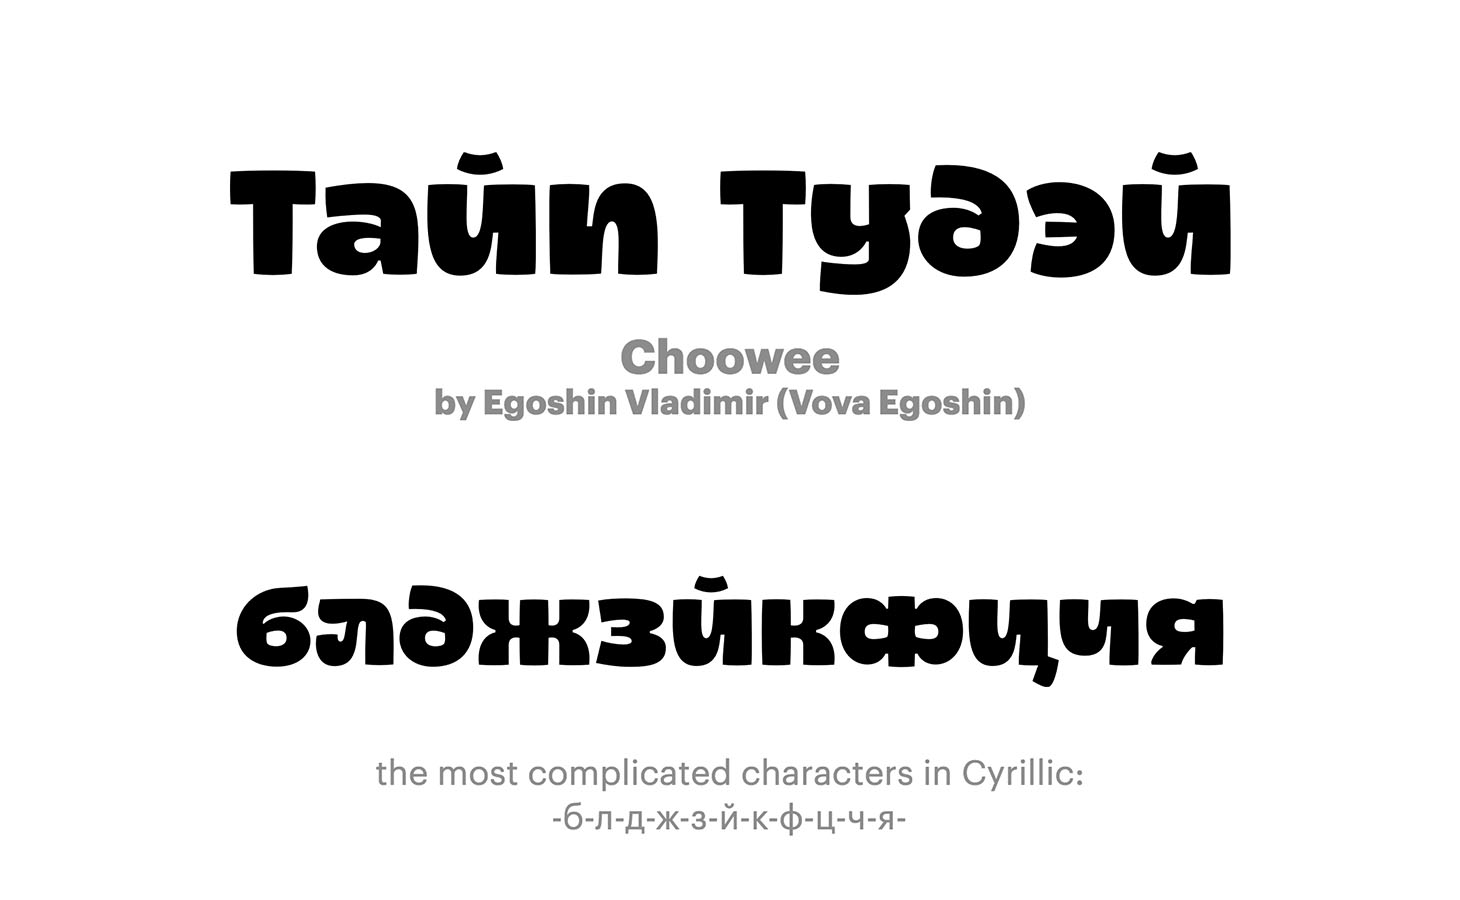 Choowee